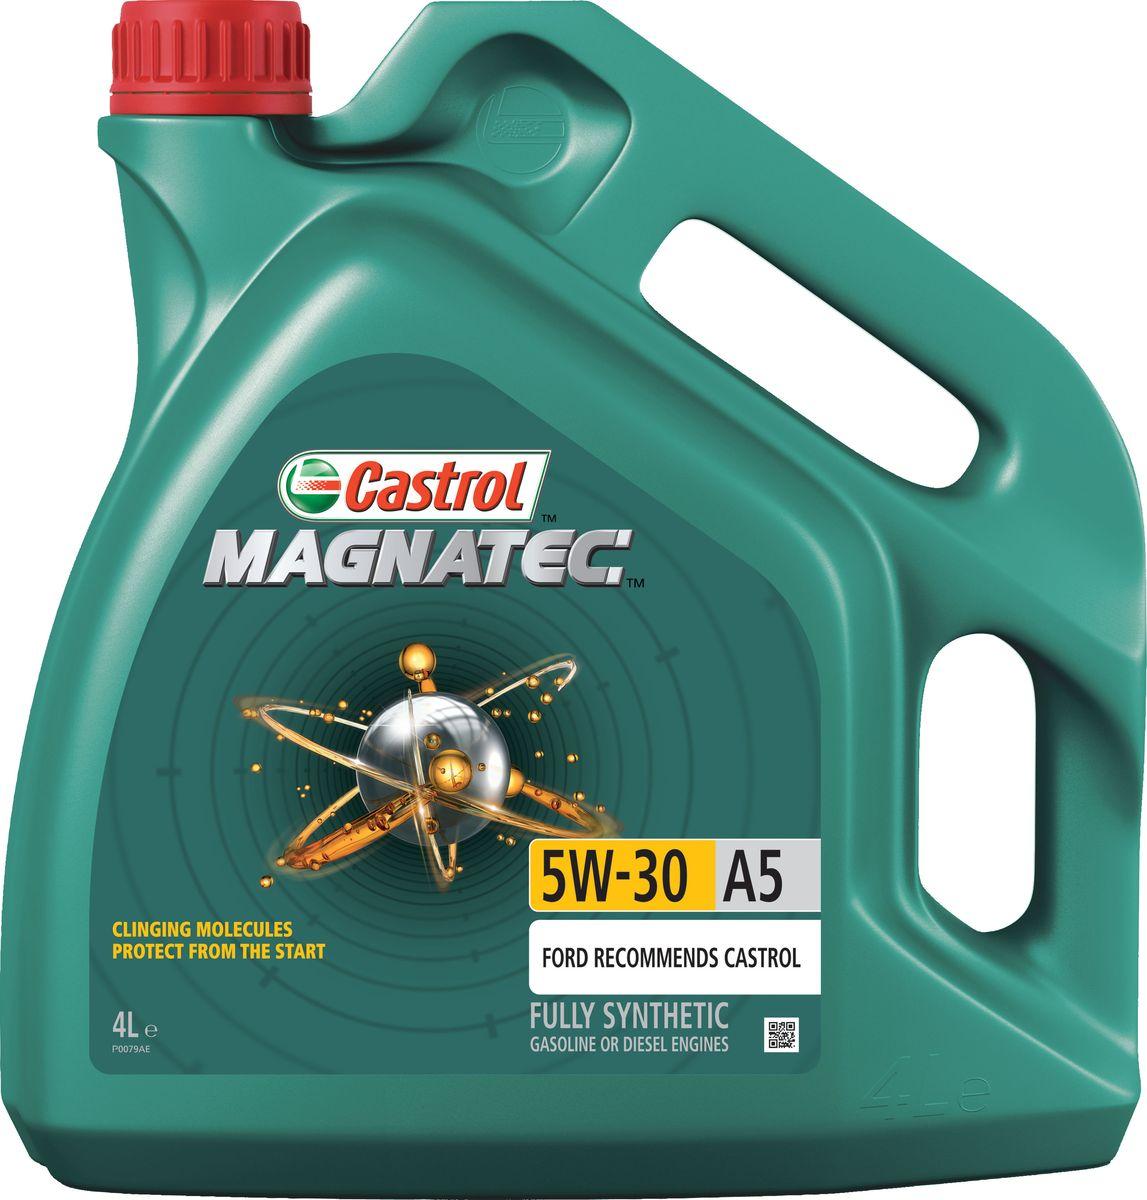 """Масло моторное """"Castrol Magnatec"""", синтетическое, класс вязкости 5W-30, A5, 4 л"""